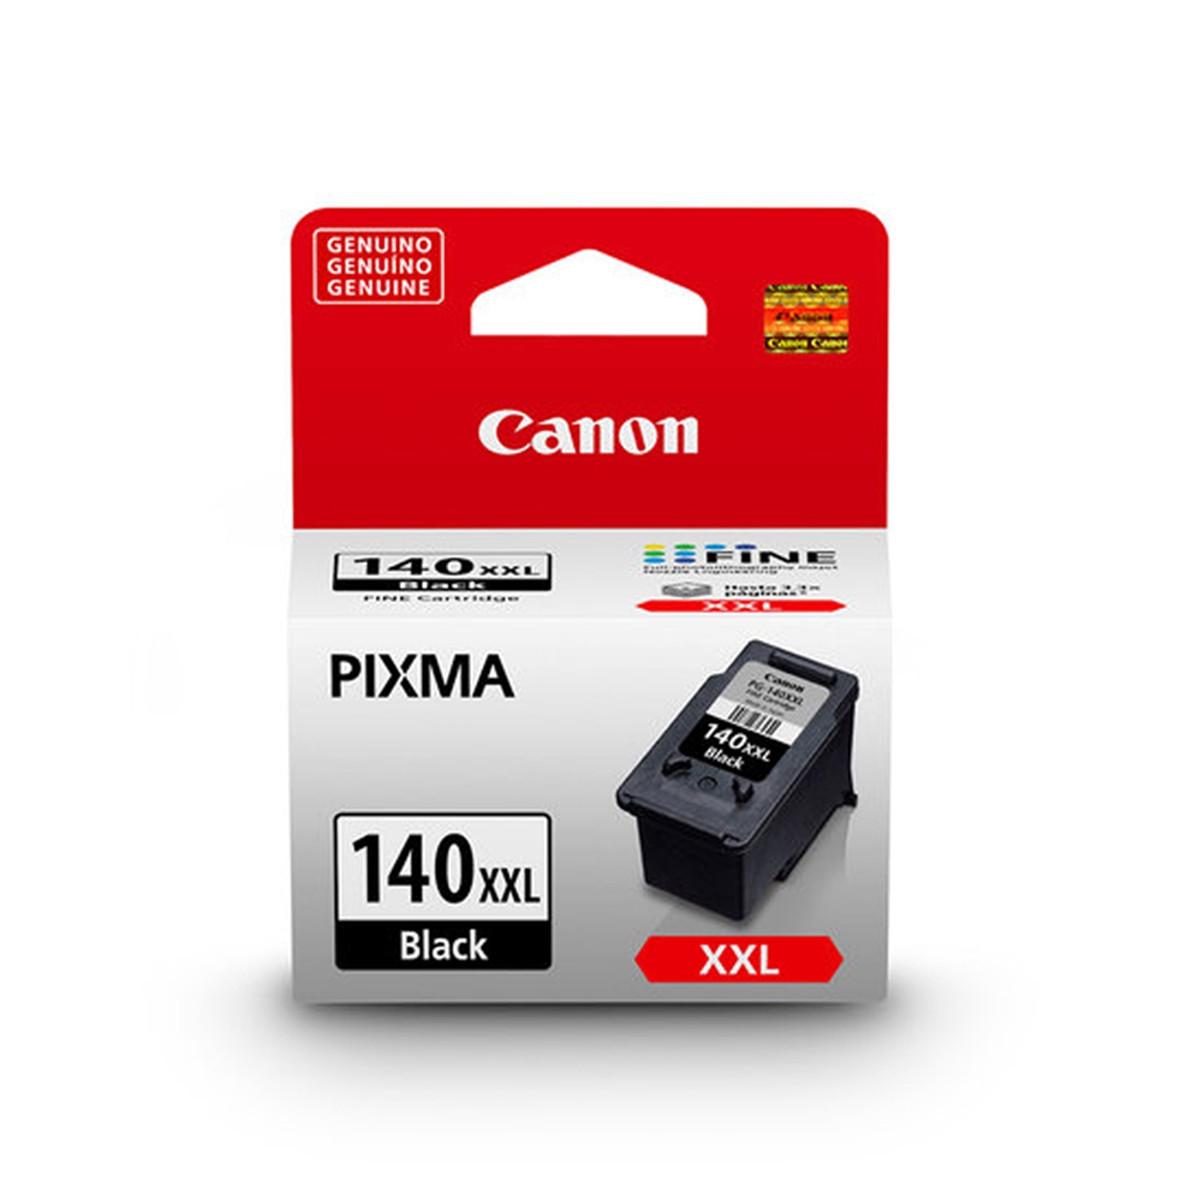 Cartucho de Tinta Canon 140XXL PG-140XXL PG140 Preto | Original 21ml